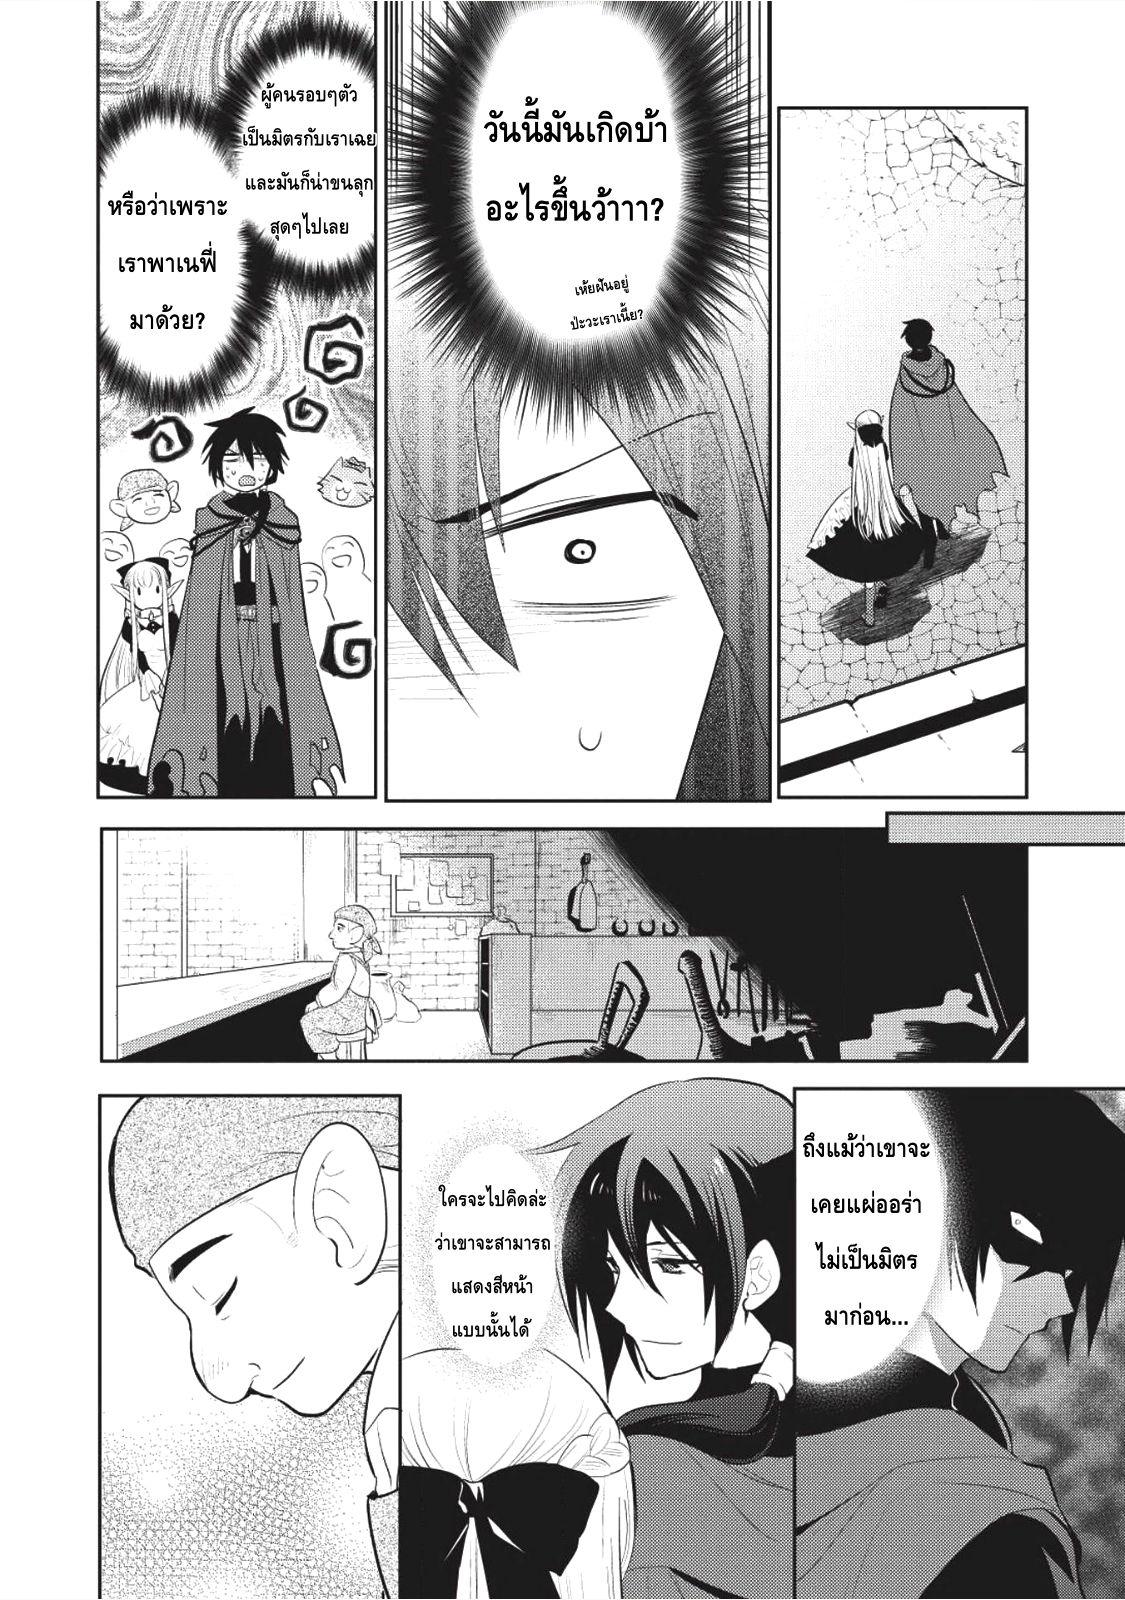 อ่านการ์ตูน Maou no Ore ga Dorei Elf wo Yome ni Shitanda ga Dou Medereba Ii ตอนที่ 4 หน้าที่ 16